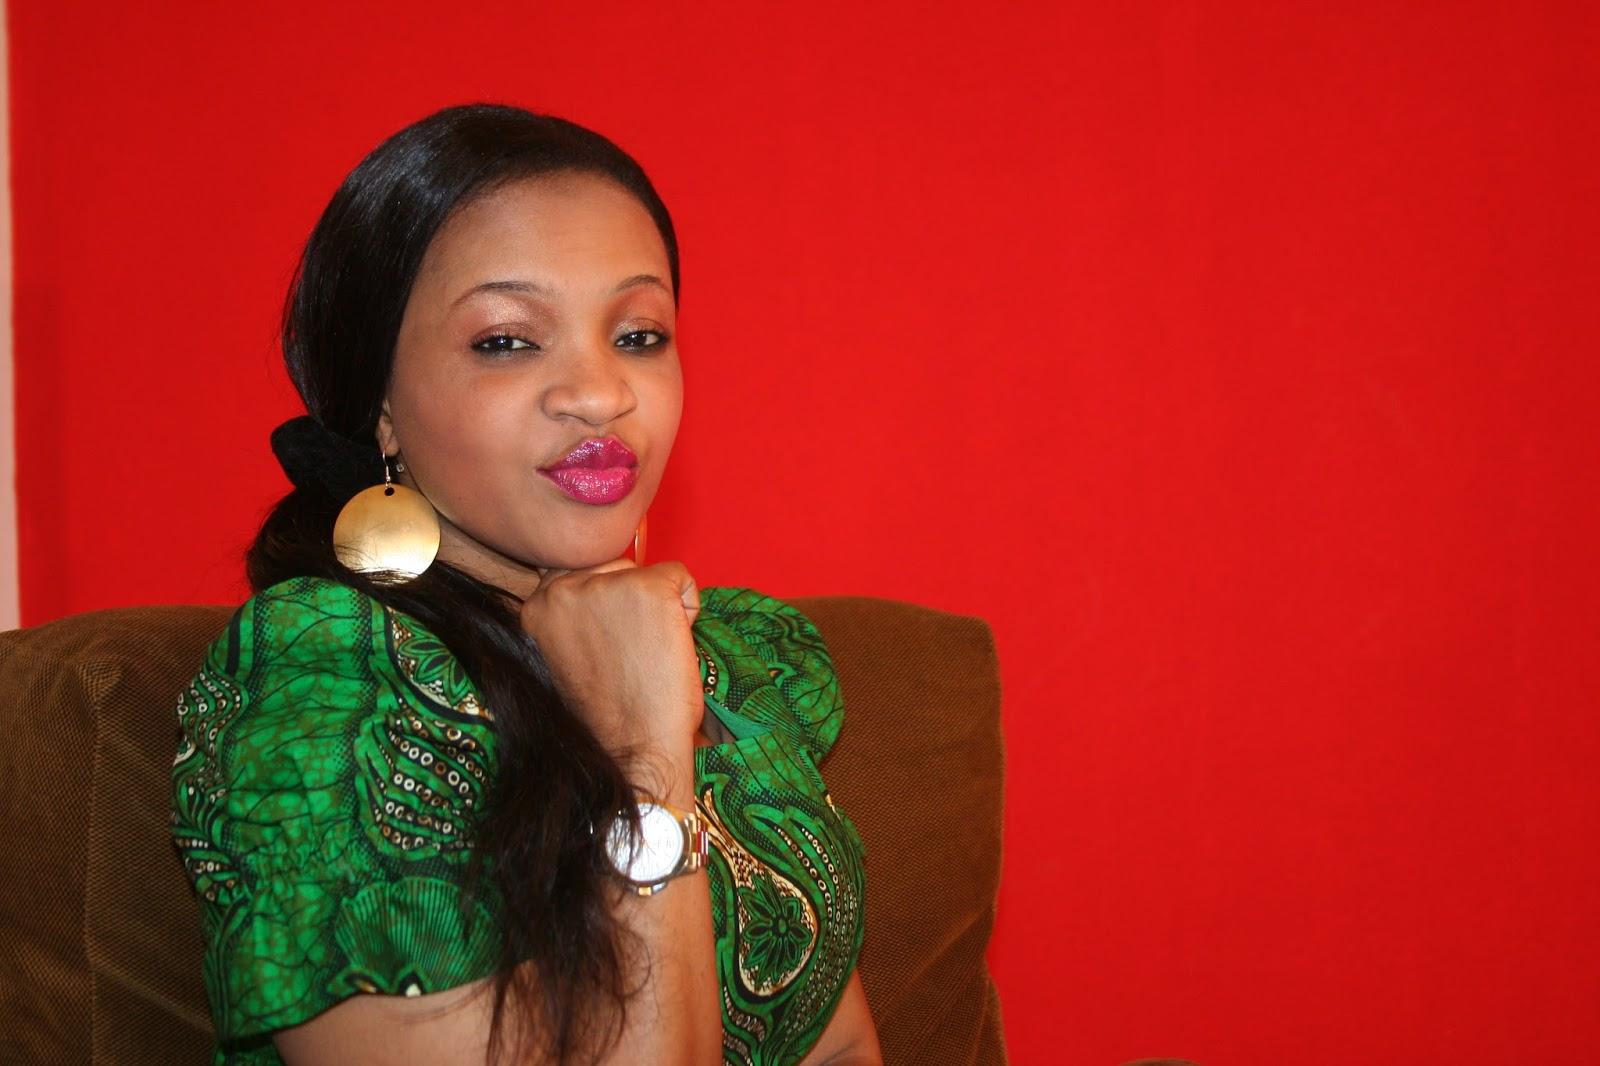 Related to nairobi sweet call girls in nairobi amp mombasa